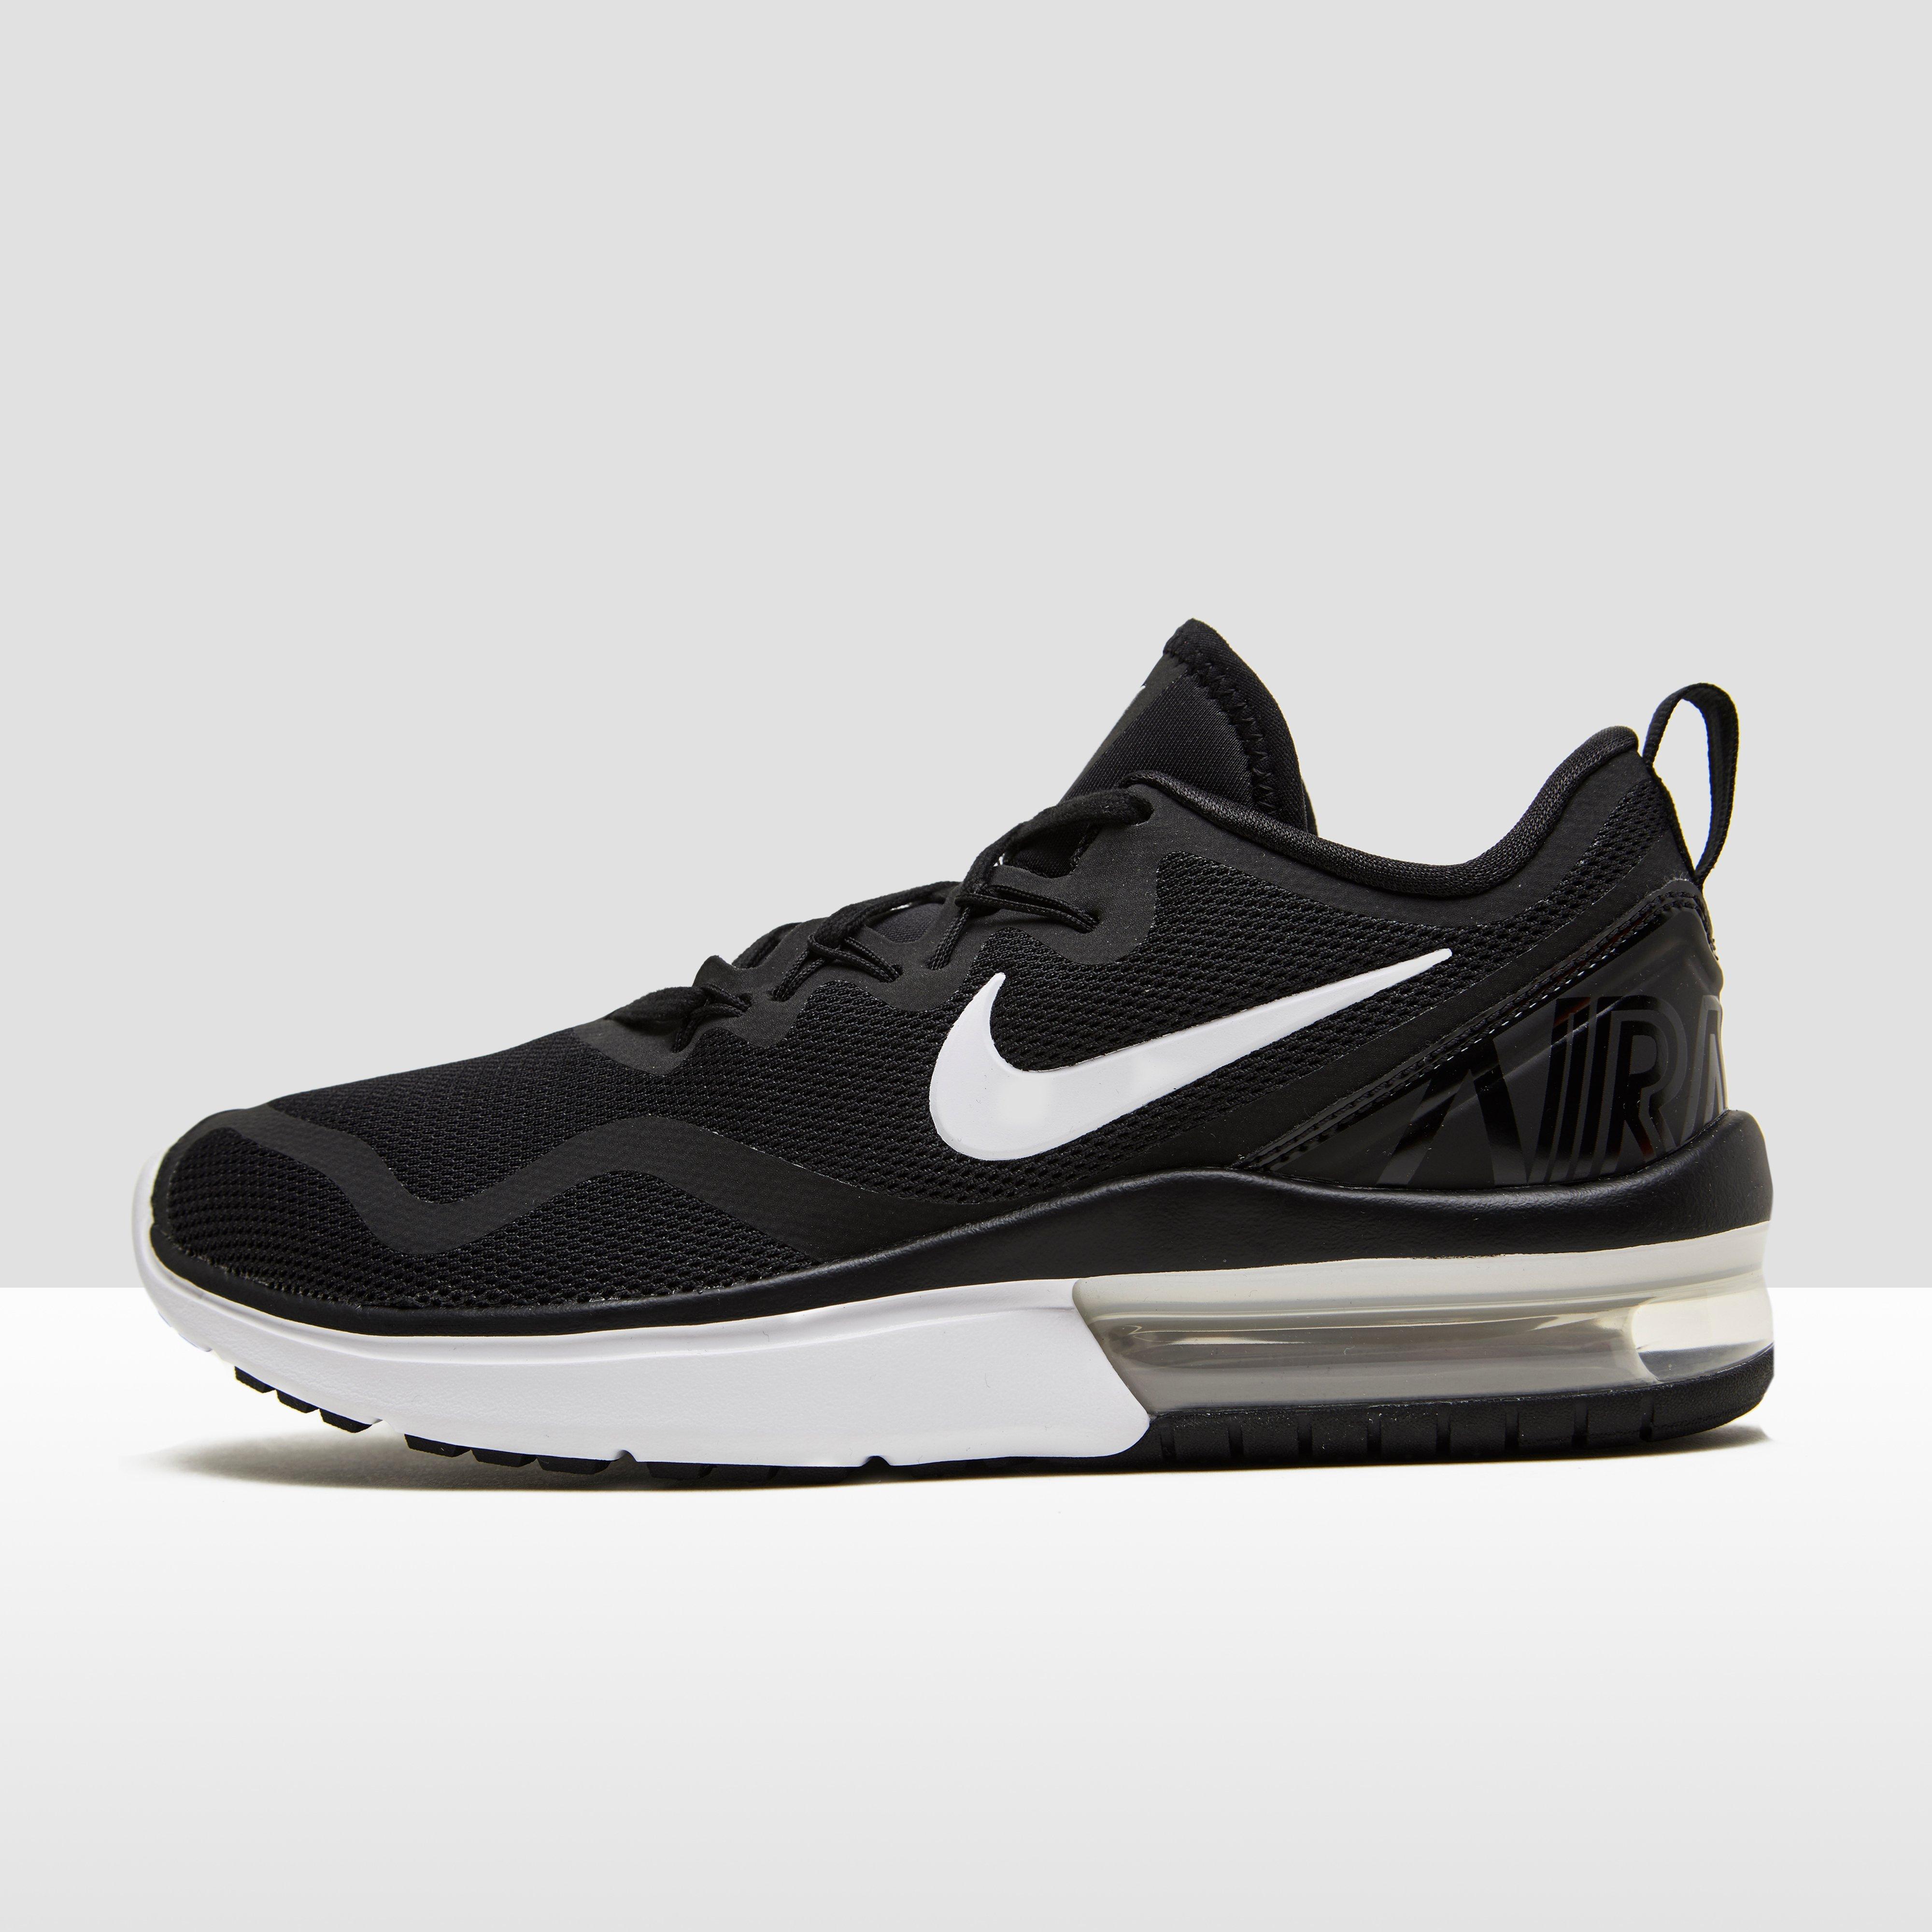 Chaussures Nike Air Max Noir Dans La Fureur 47,5 Pour Les Hommes